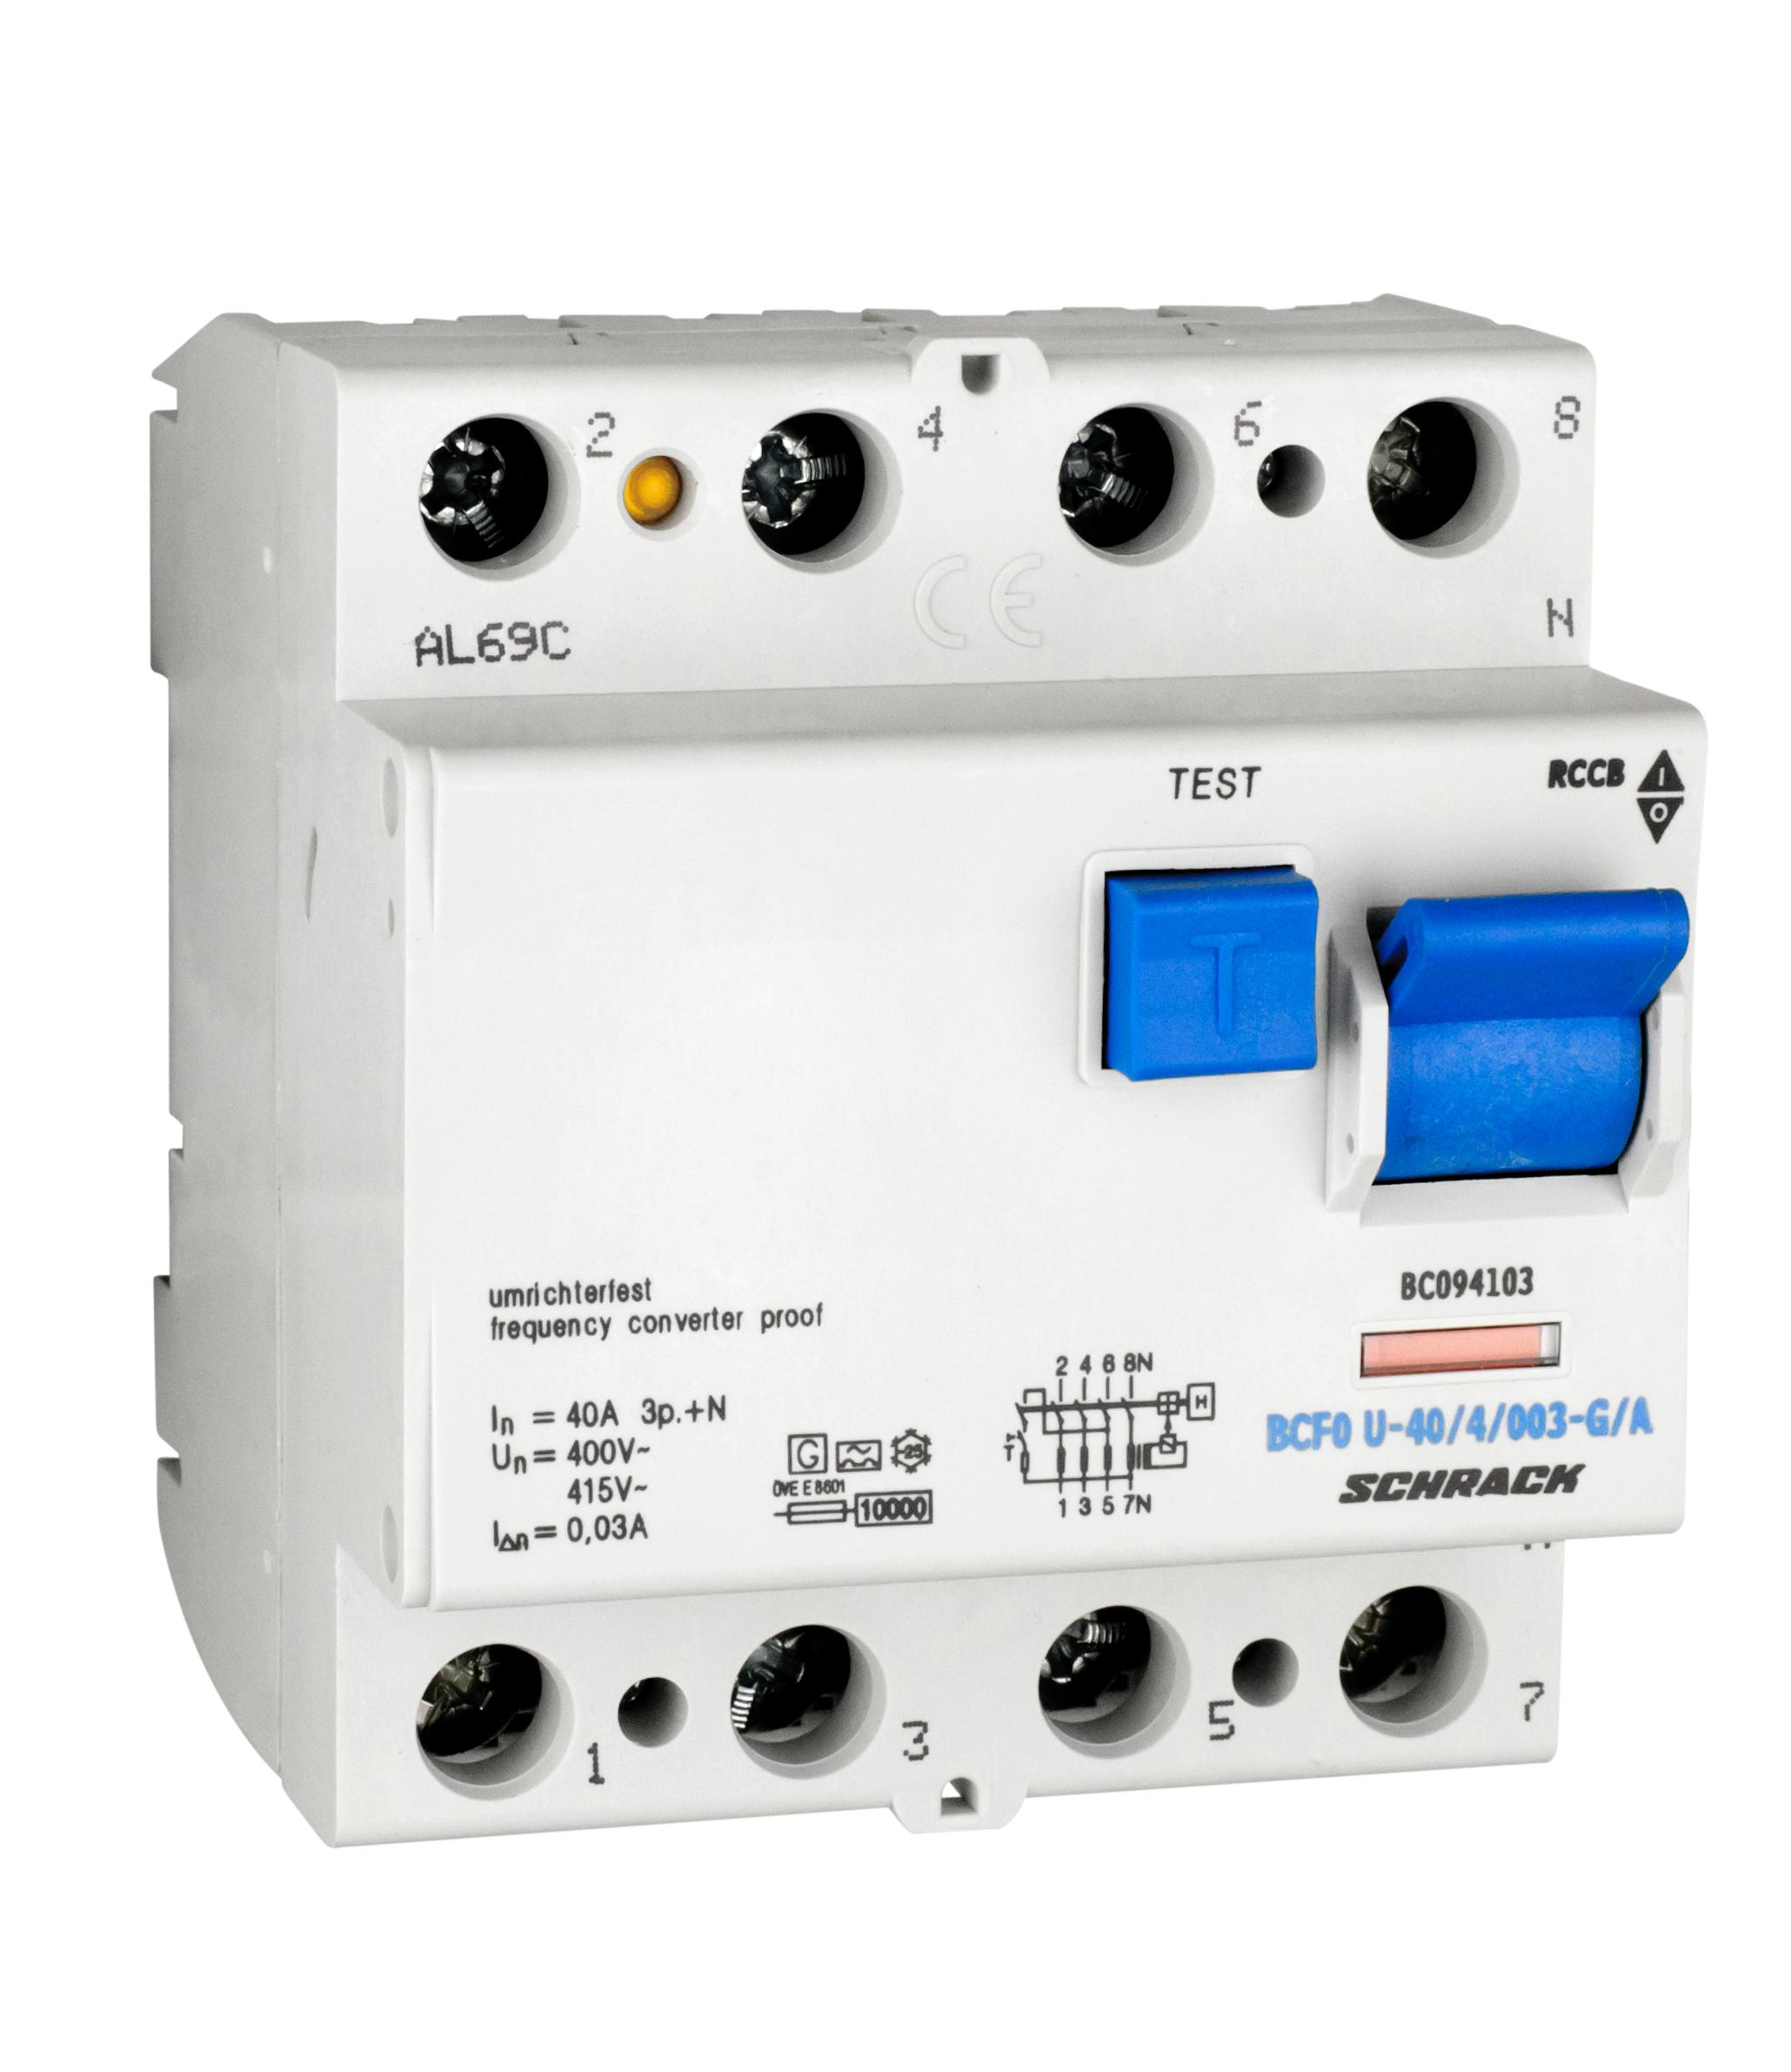 1 Stk FI-Schalter, FU fest, 40A, 4-polig, 30mA, Bauart G, Typ A BC094103--